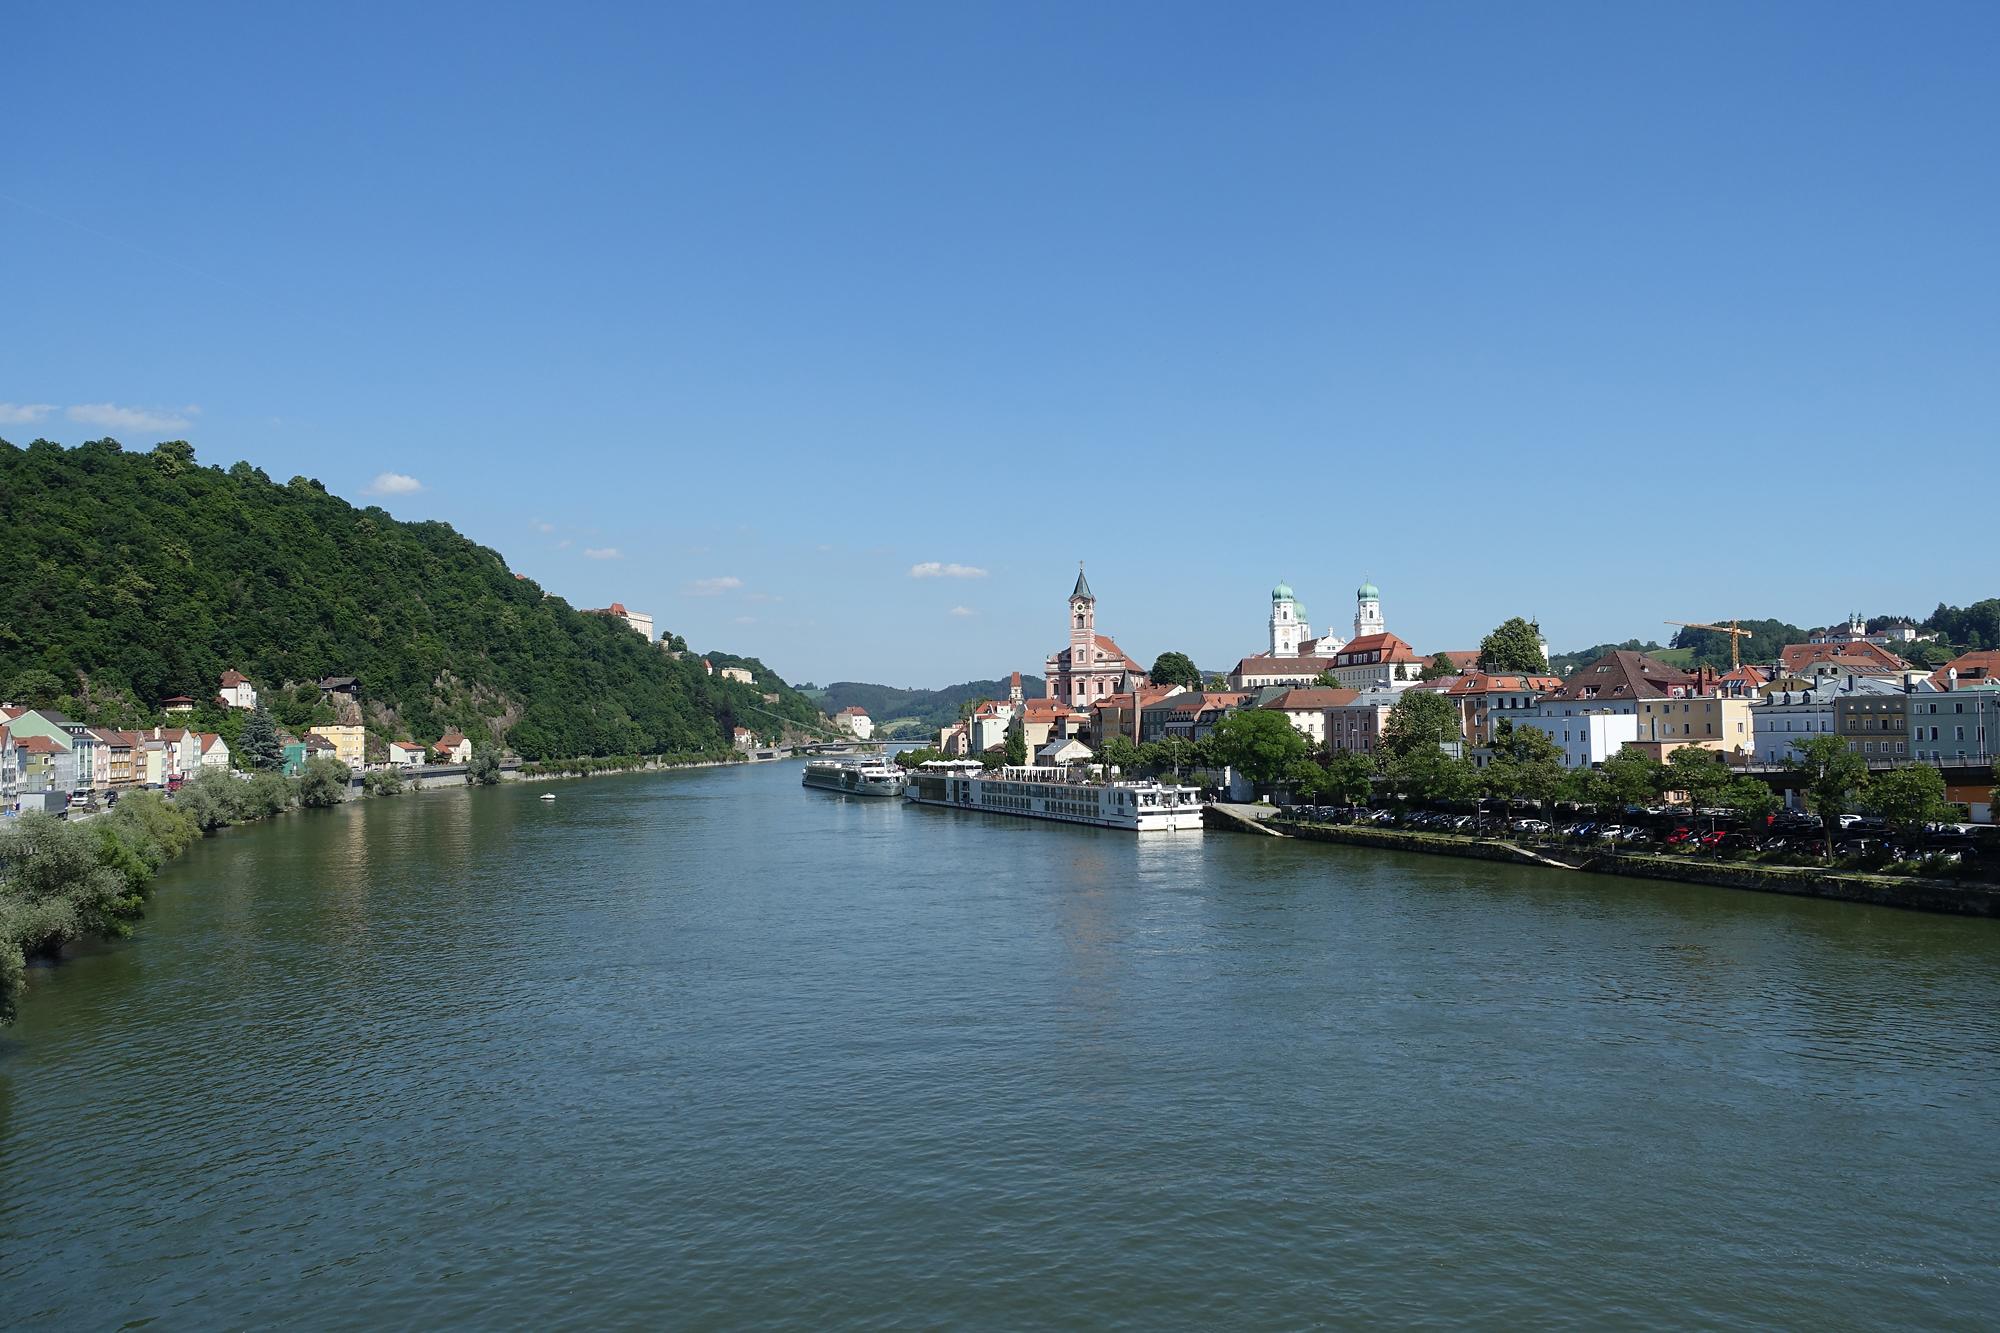 Passau - 05.06.-07.06.2015